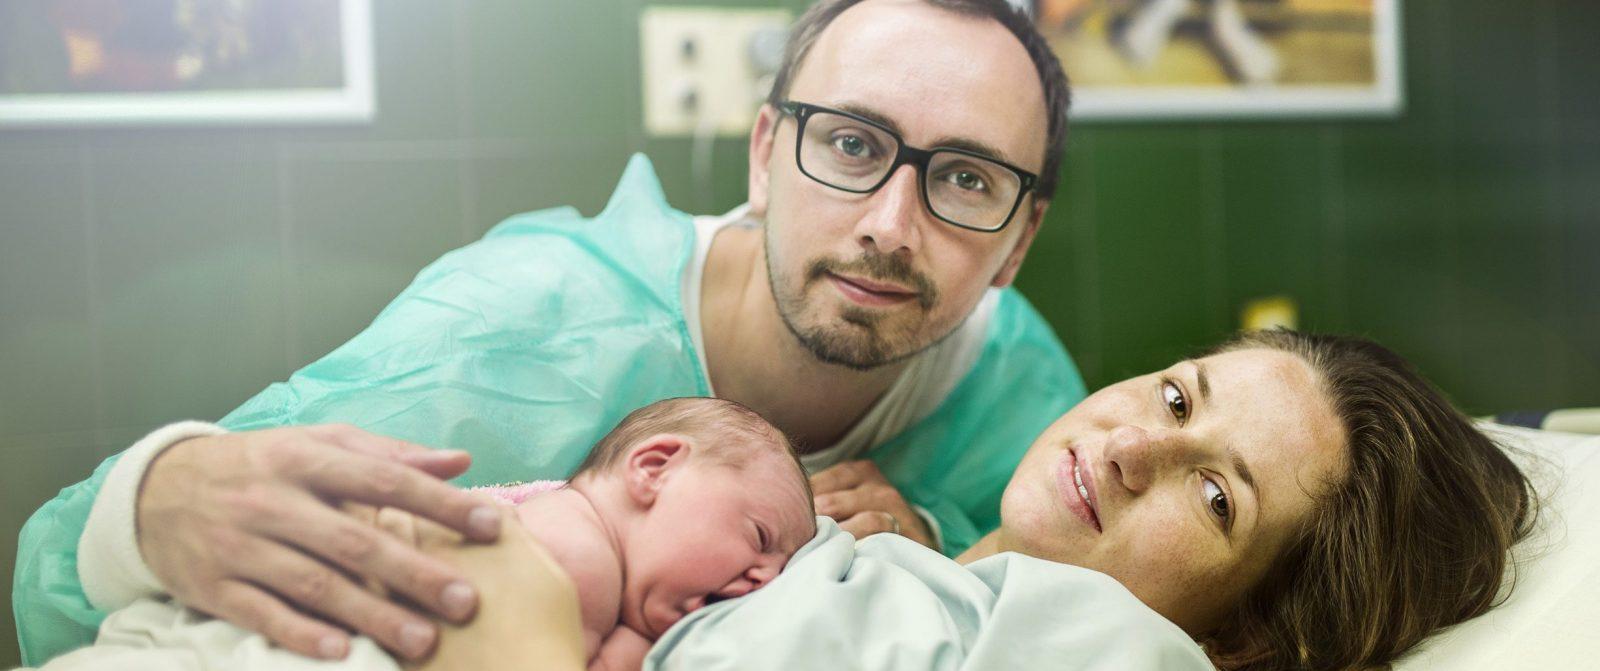 New Life Centre - Port Perry Hospital